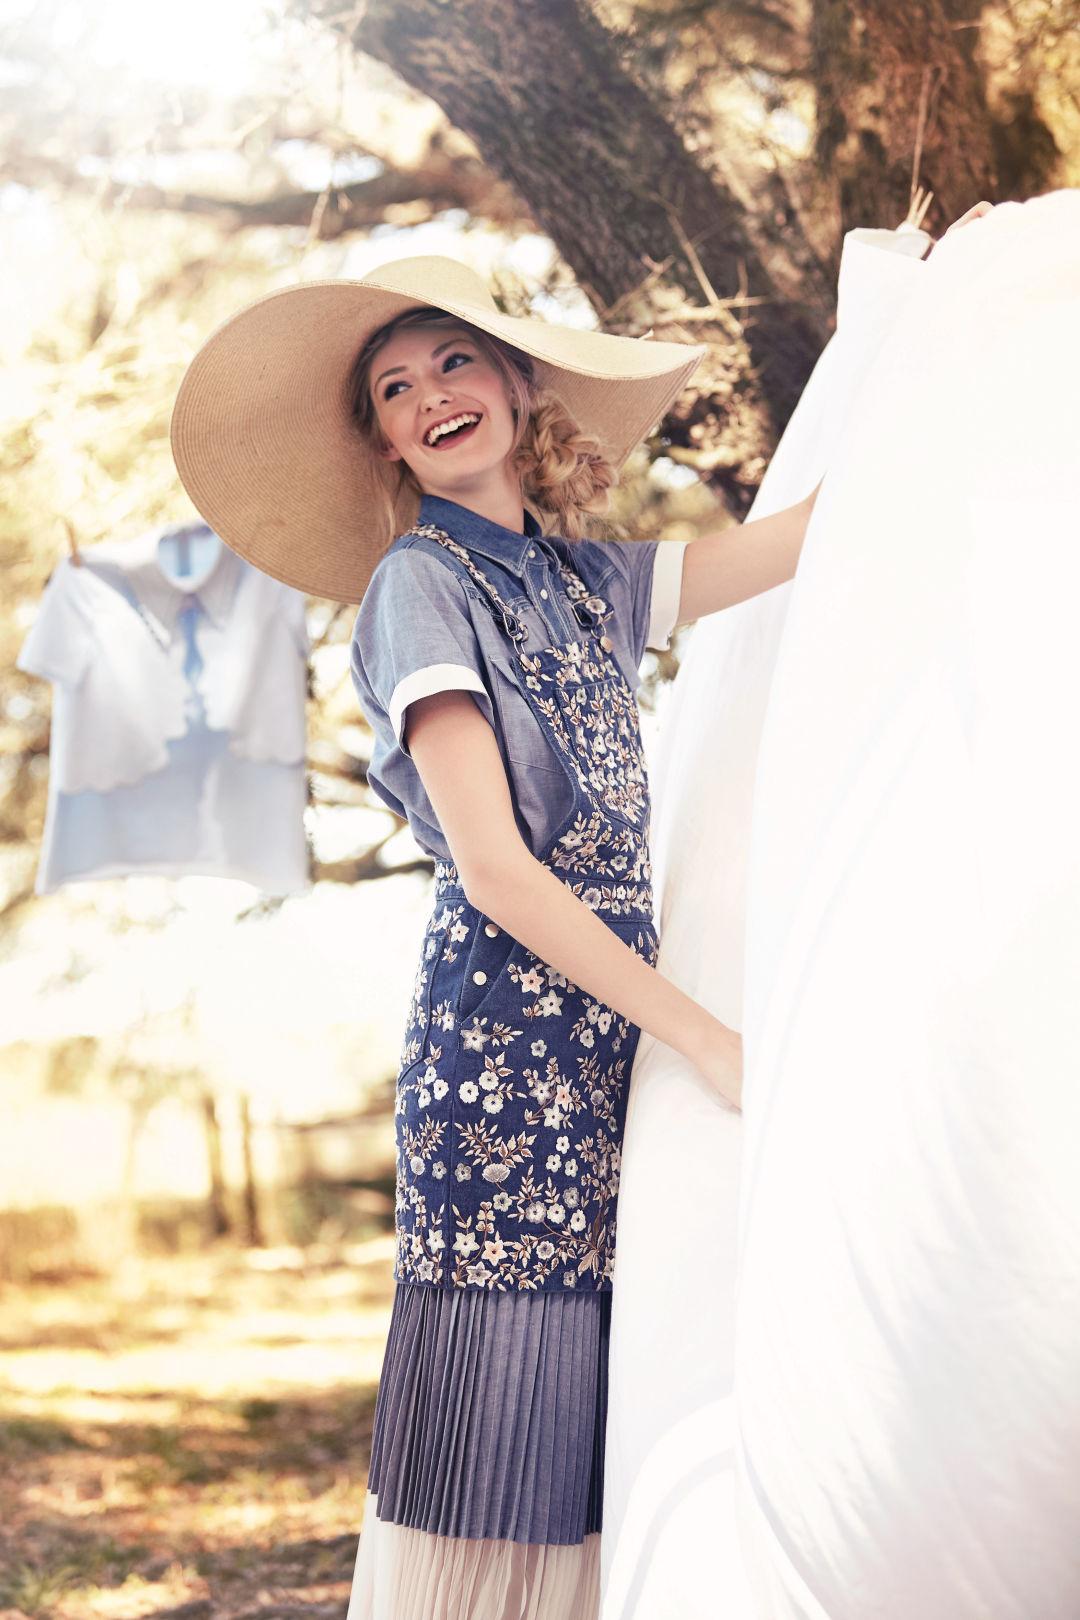 0417 spring fashion 2 hw6cse